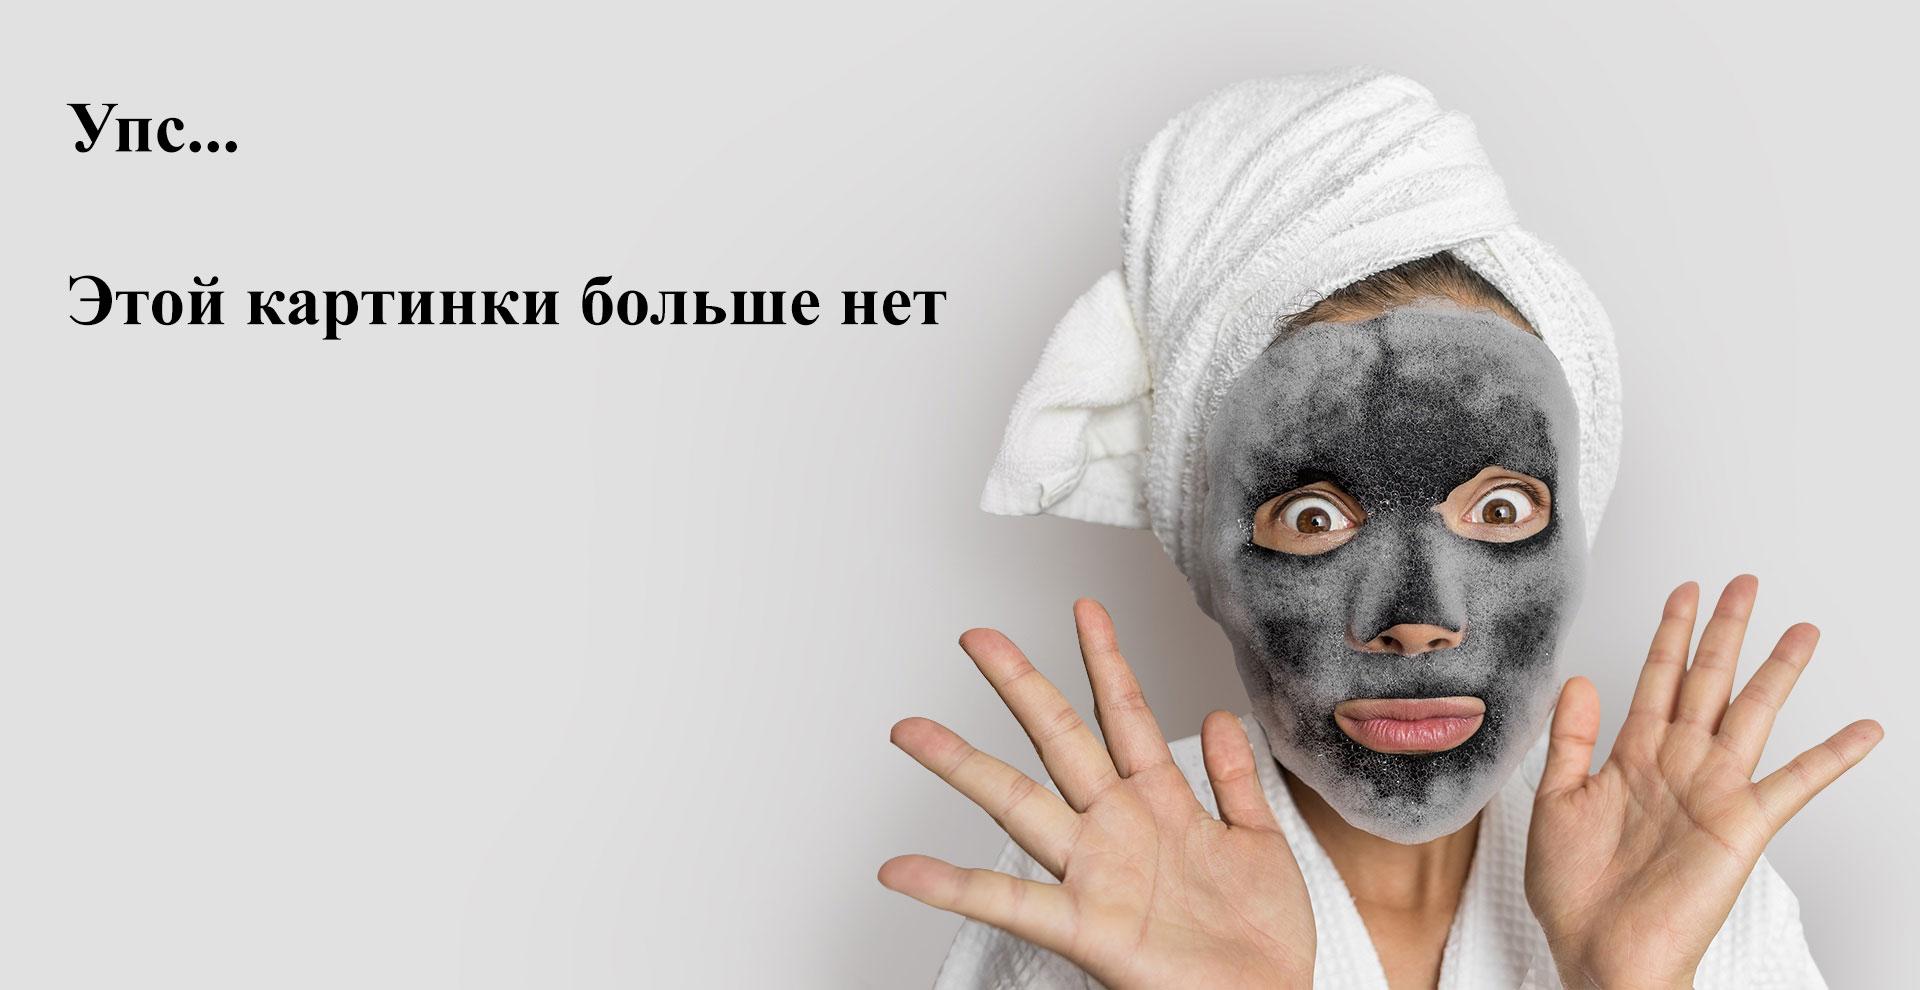 Art-Visage, Жидкий фарфор для ногтей, 8 мл